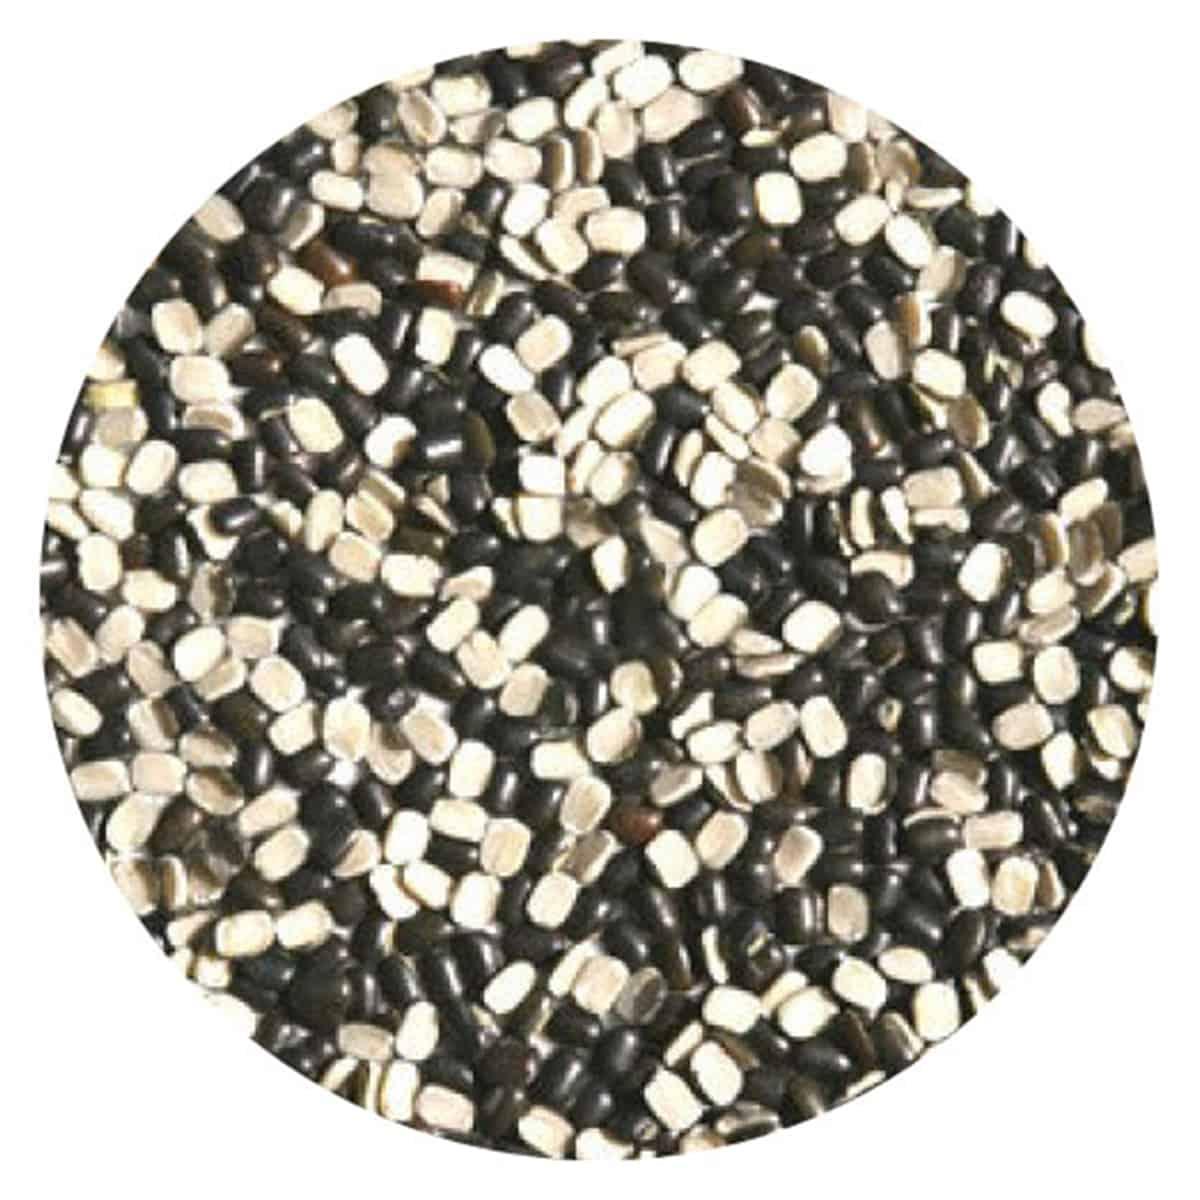 Buy IAG Foods Urad Dal Chilka (Split Black Gram with Skin) - 1 kg